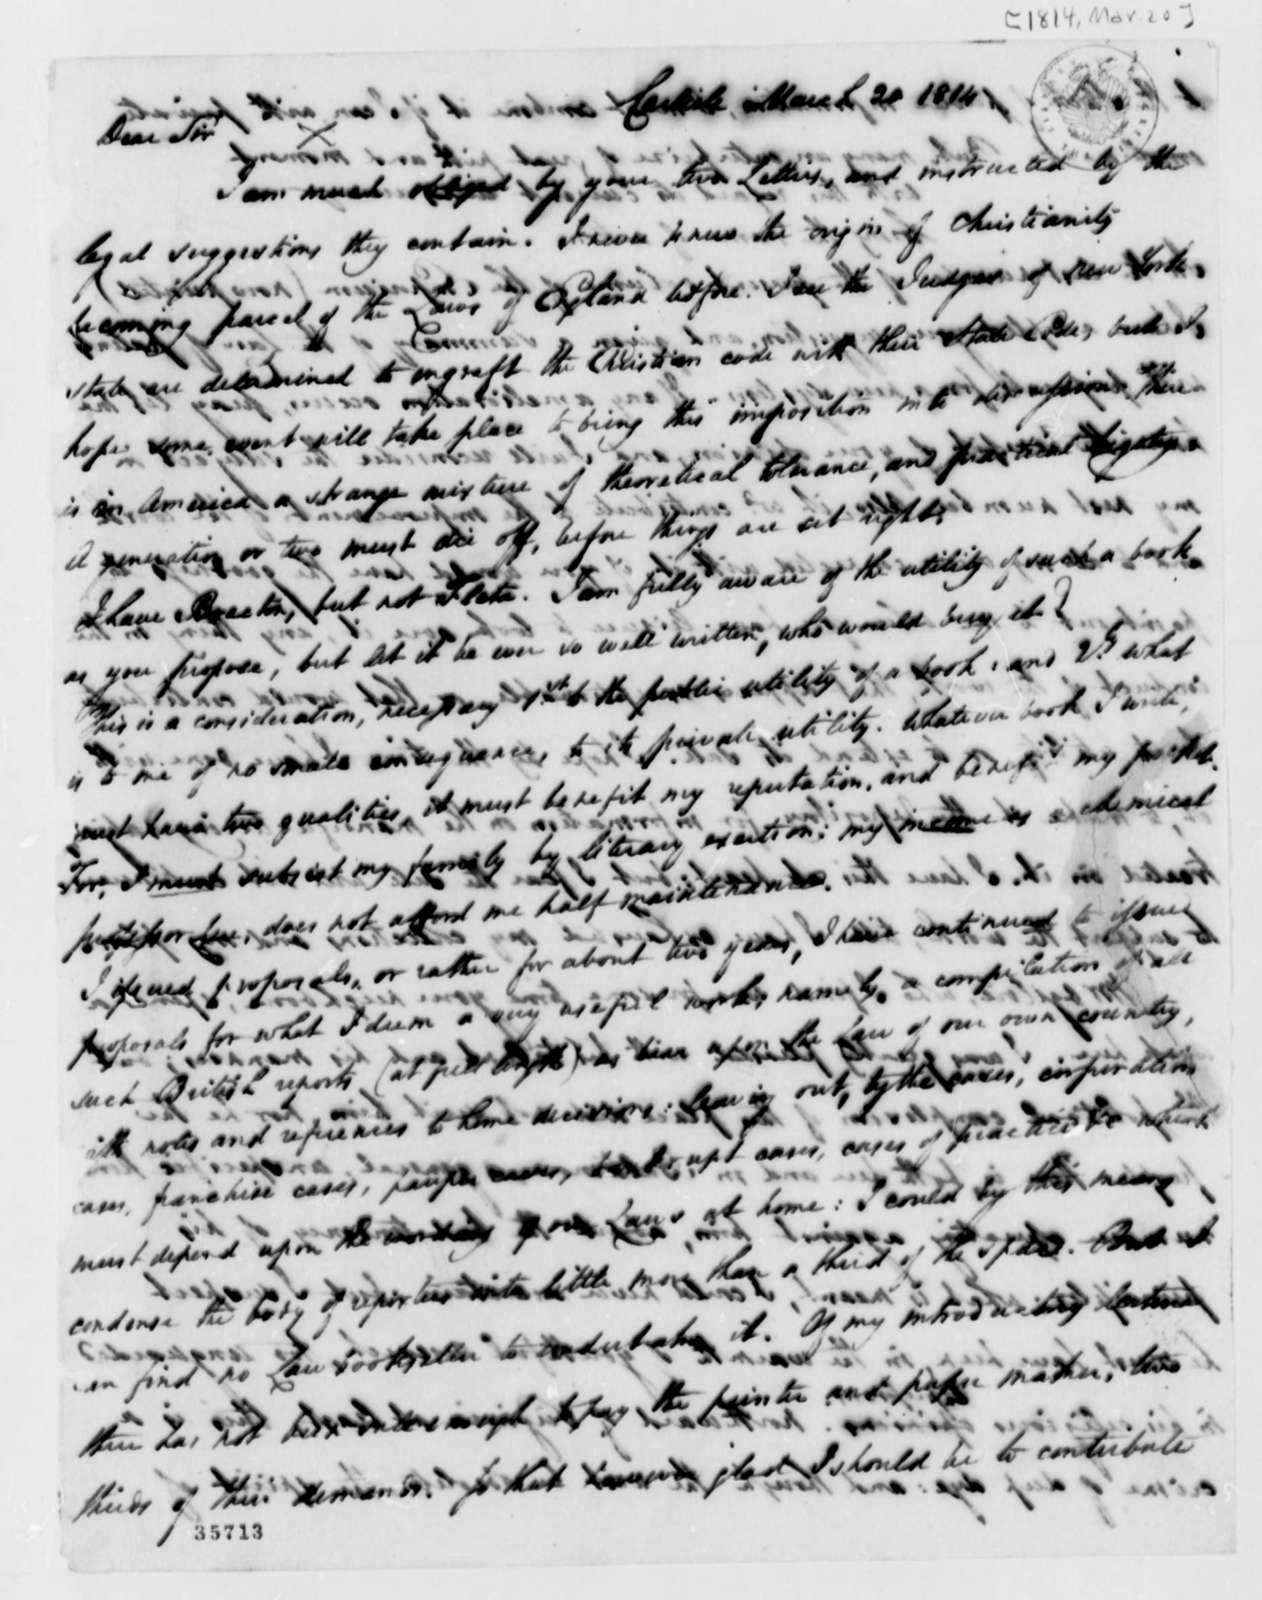 Thomas Cooper to Thomas Jefferson, March 20, 1814